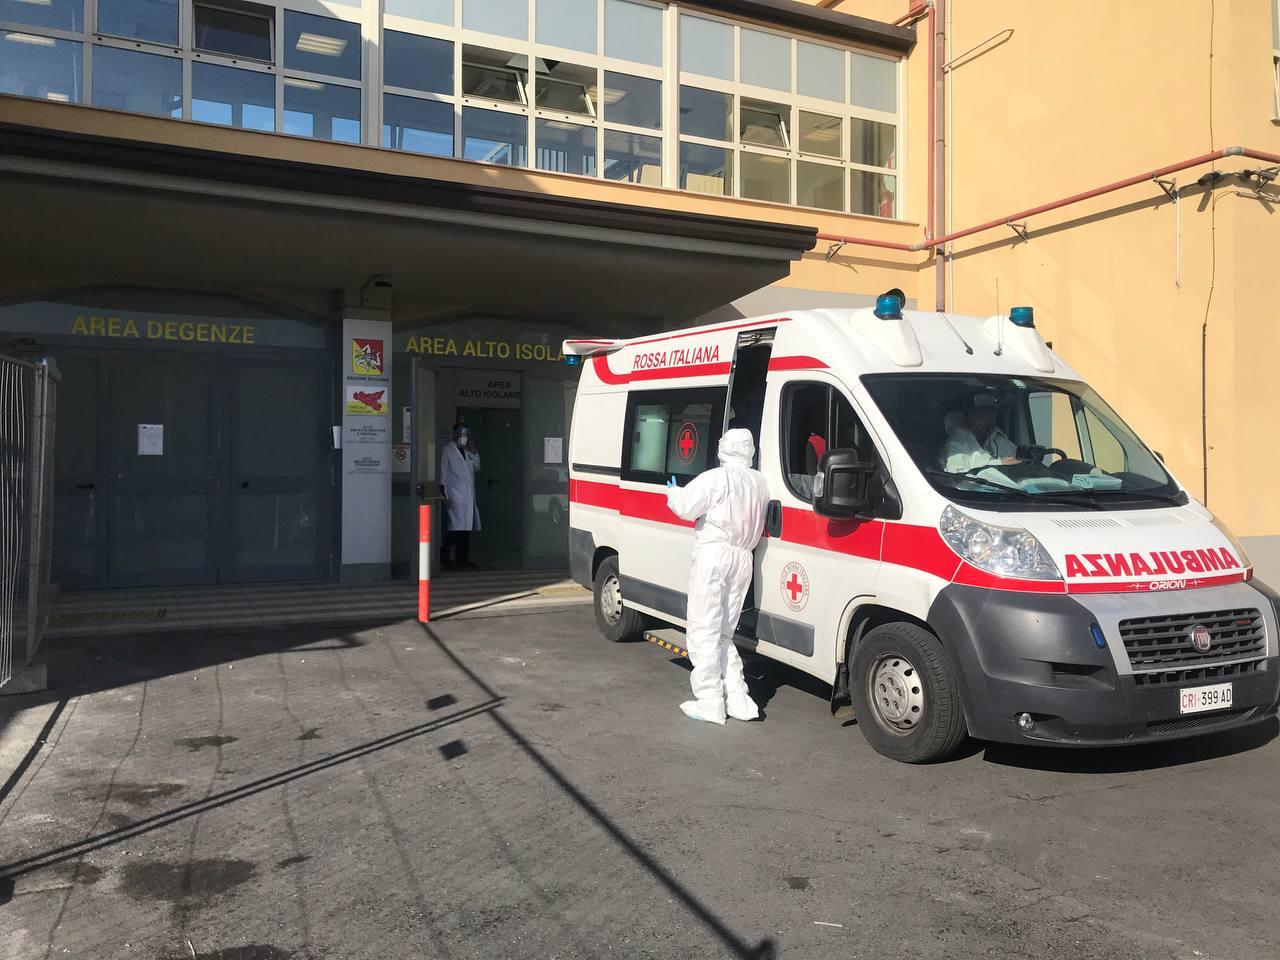 Coronavirus, all'ospedale Cannizzaro primi trattamenti con anticorpi monoclonali su 2 pazienti